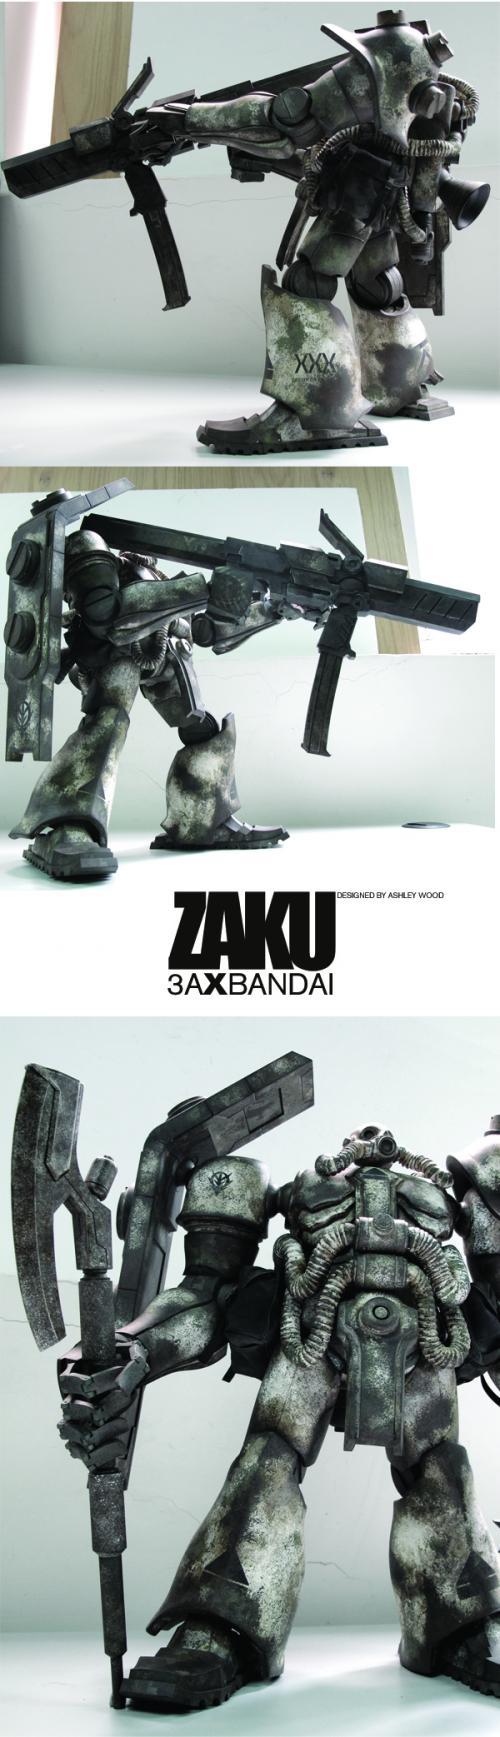 zakuandyou_convert_20111209235328.jpg